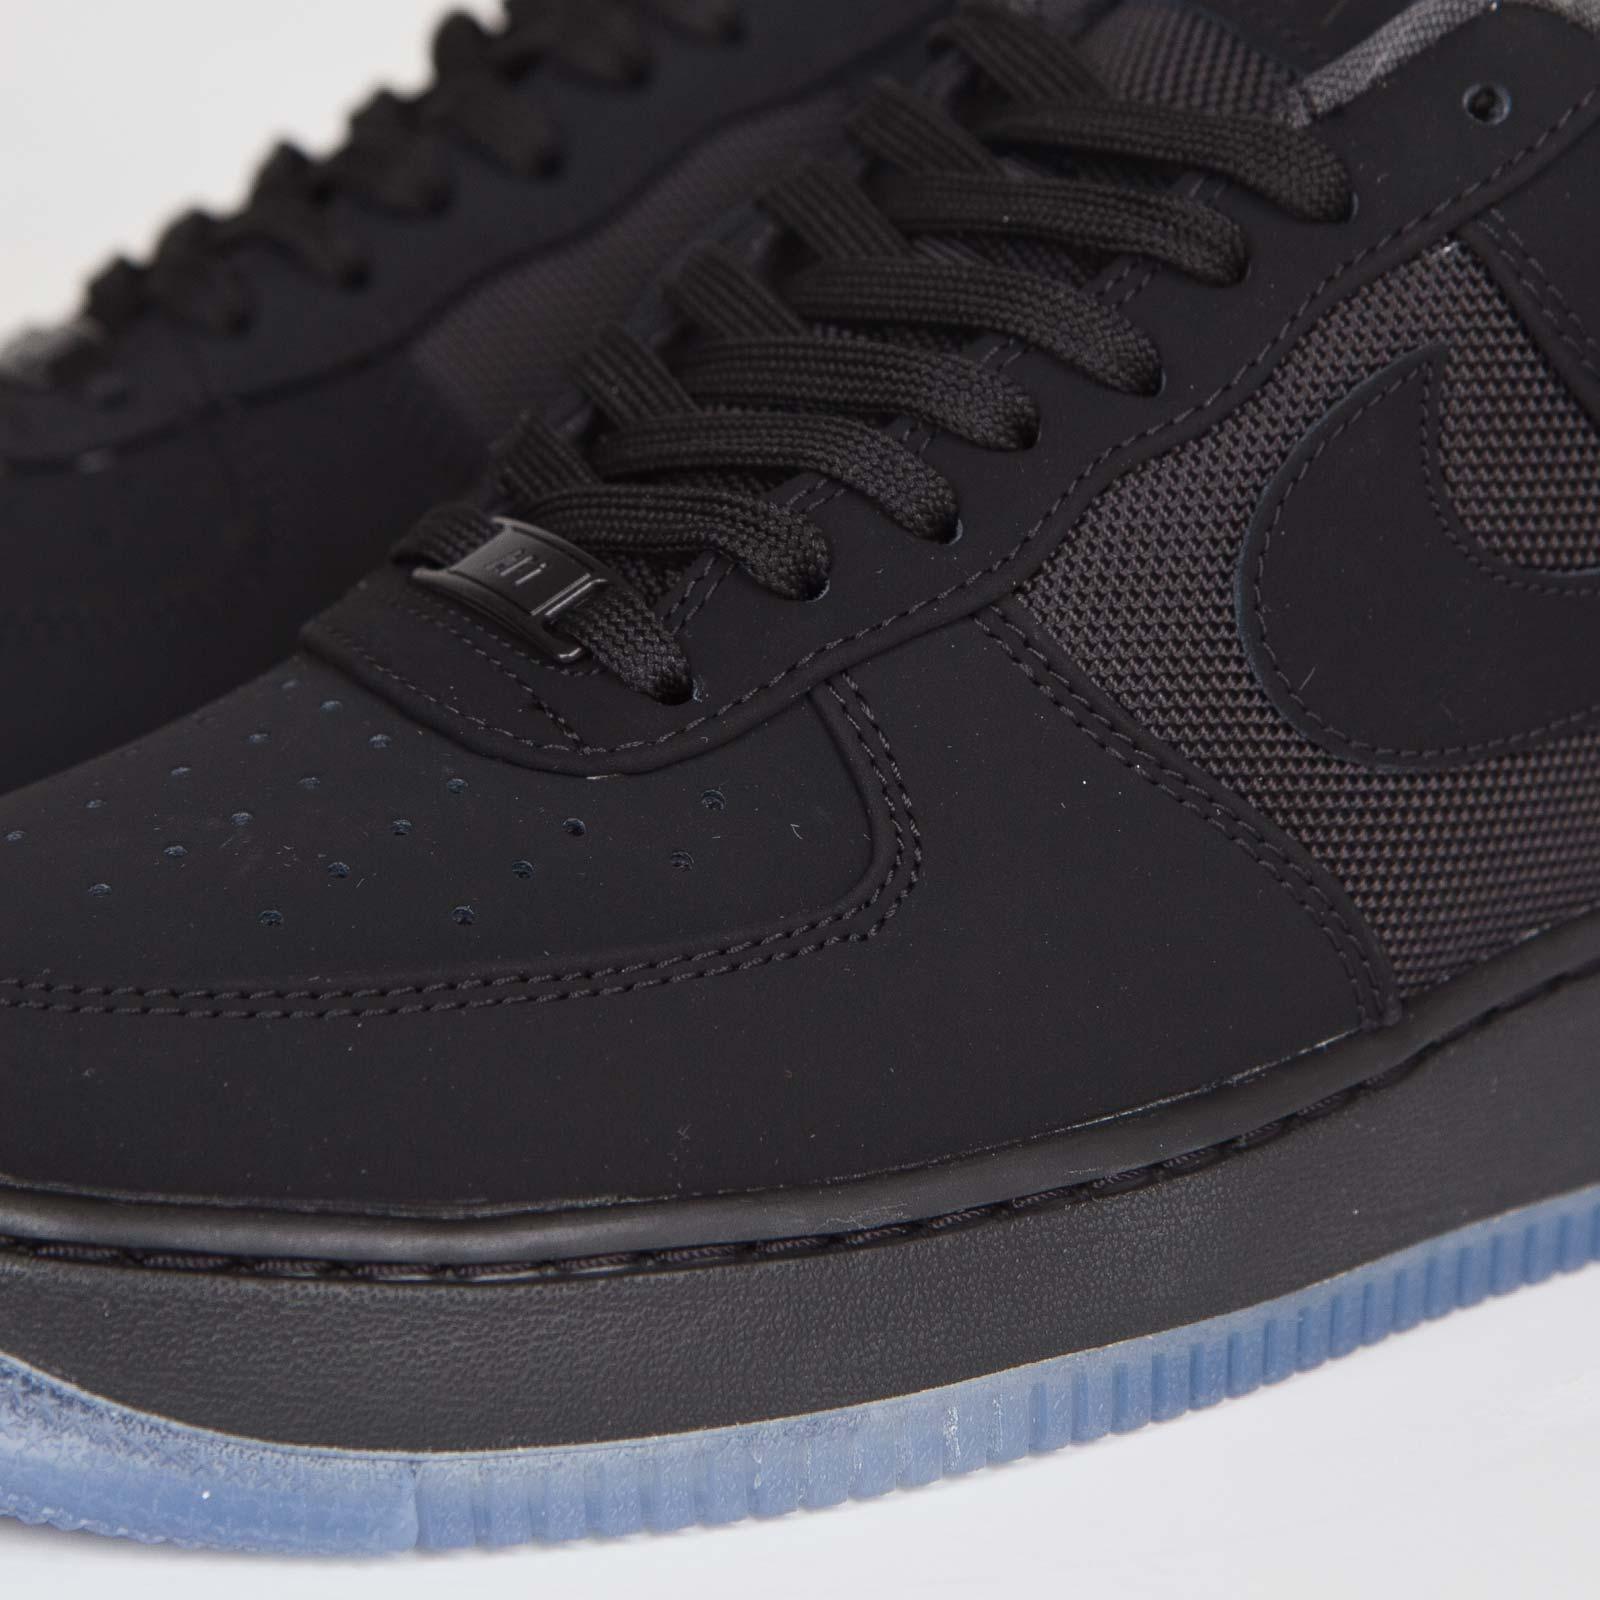 Air SneakersnstuffSneakers Elite 725146 Force 001 Nike 1 0nOX8Pkw